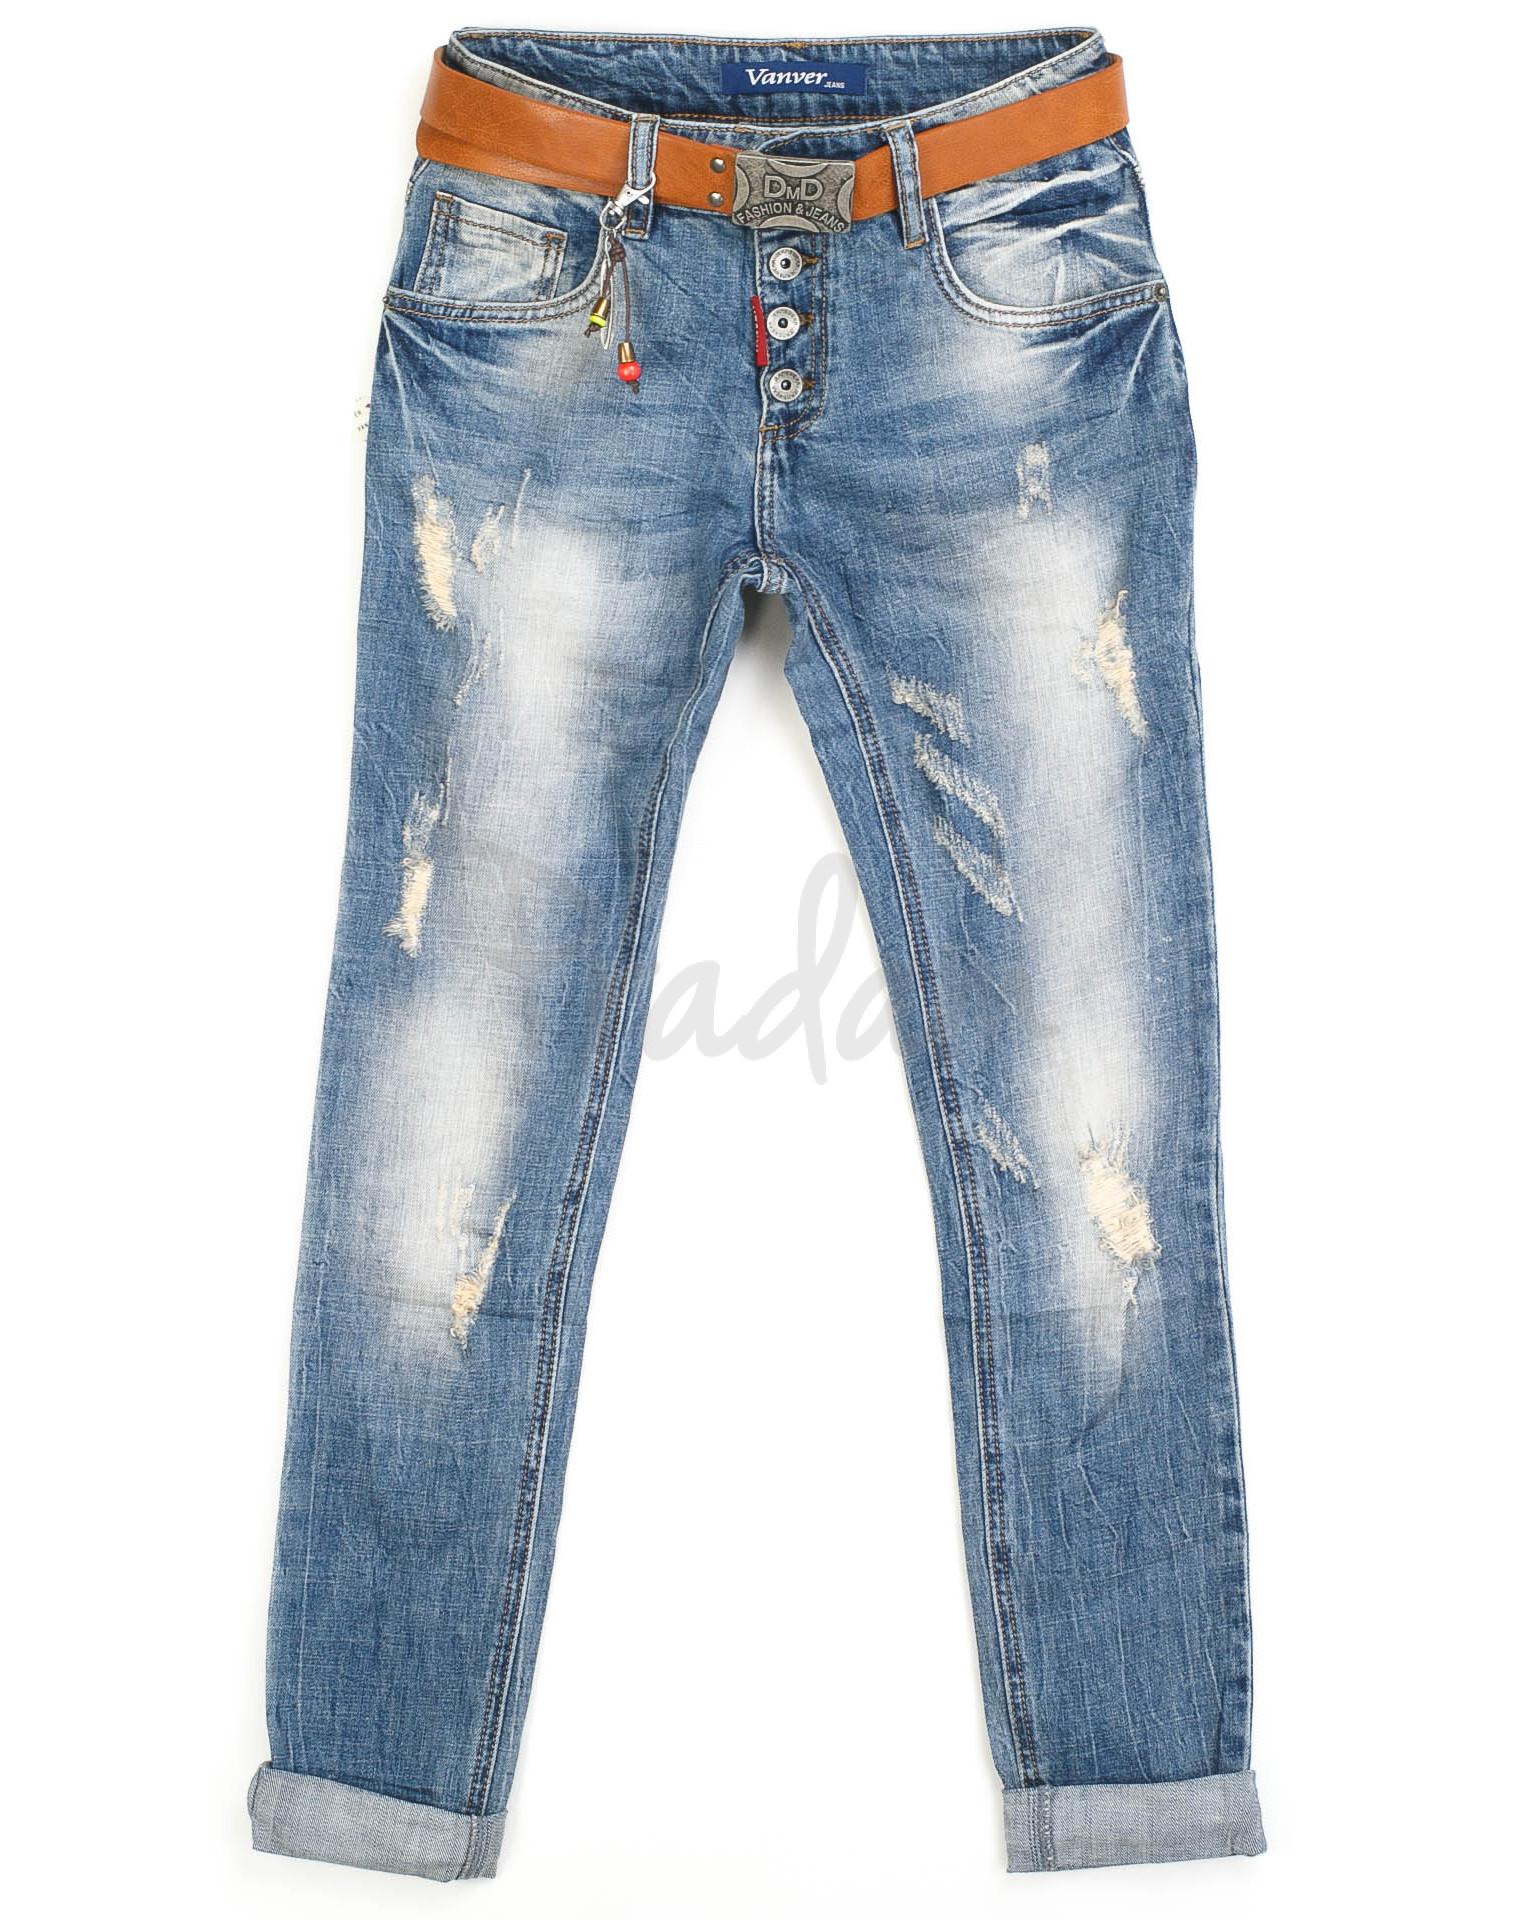 f0dc00a7164 женские джинсы бойфренд на пуговицах 81022 (25-30